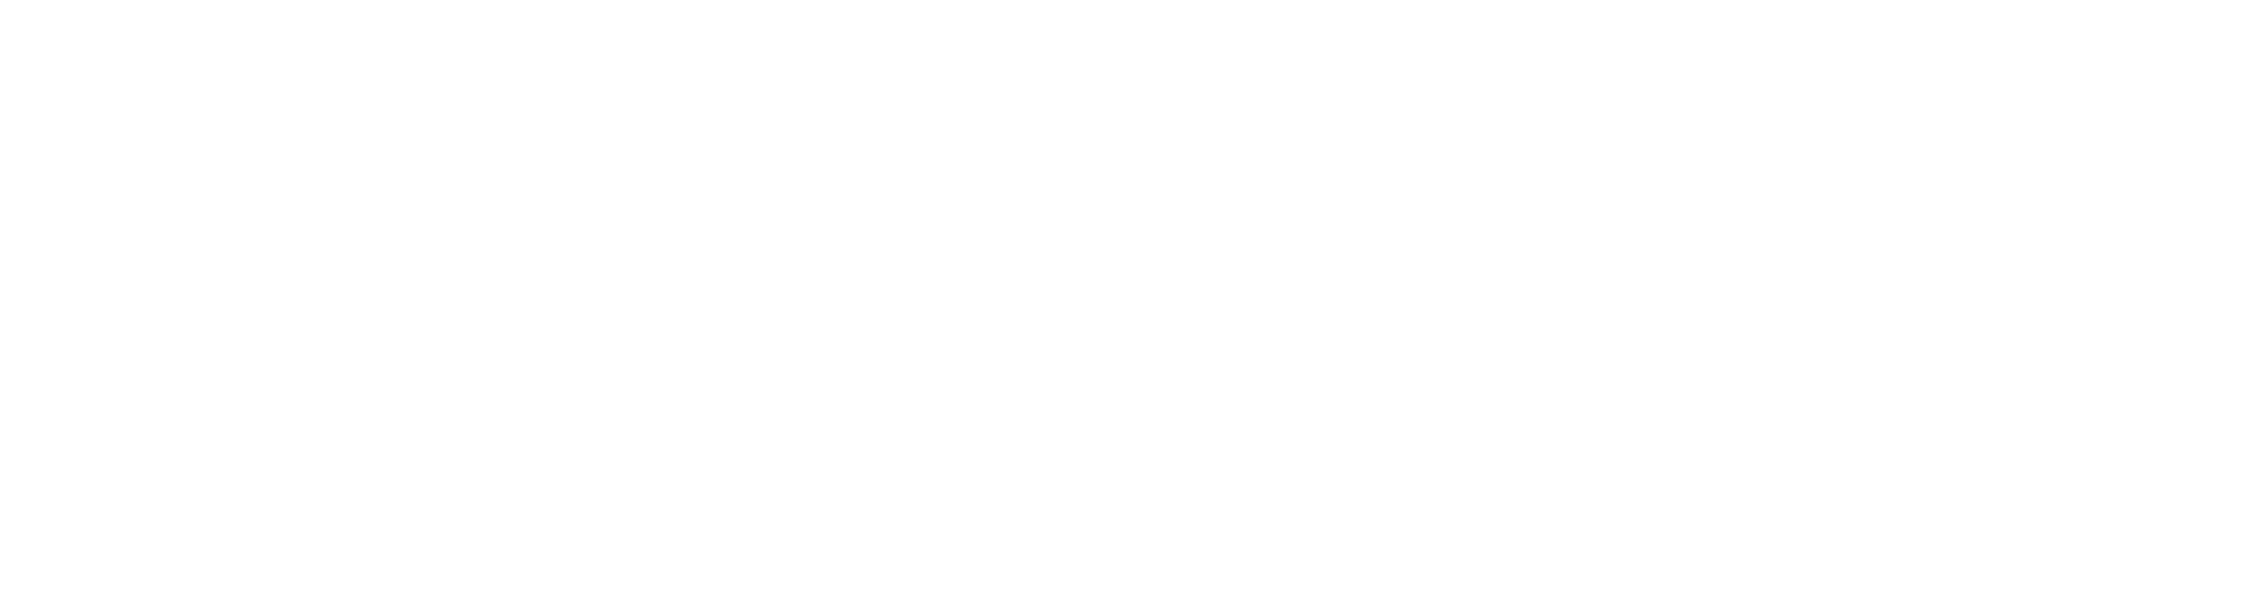 jarrett da roza mono logo